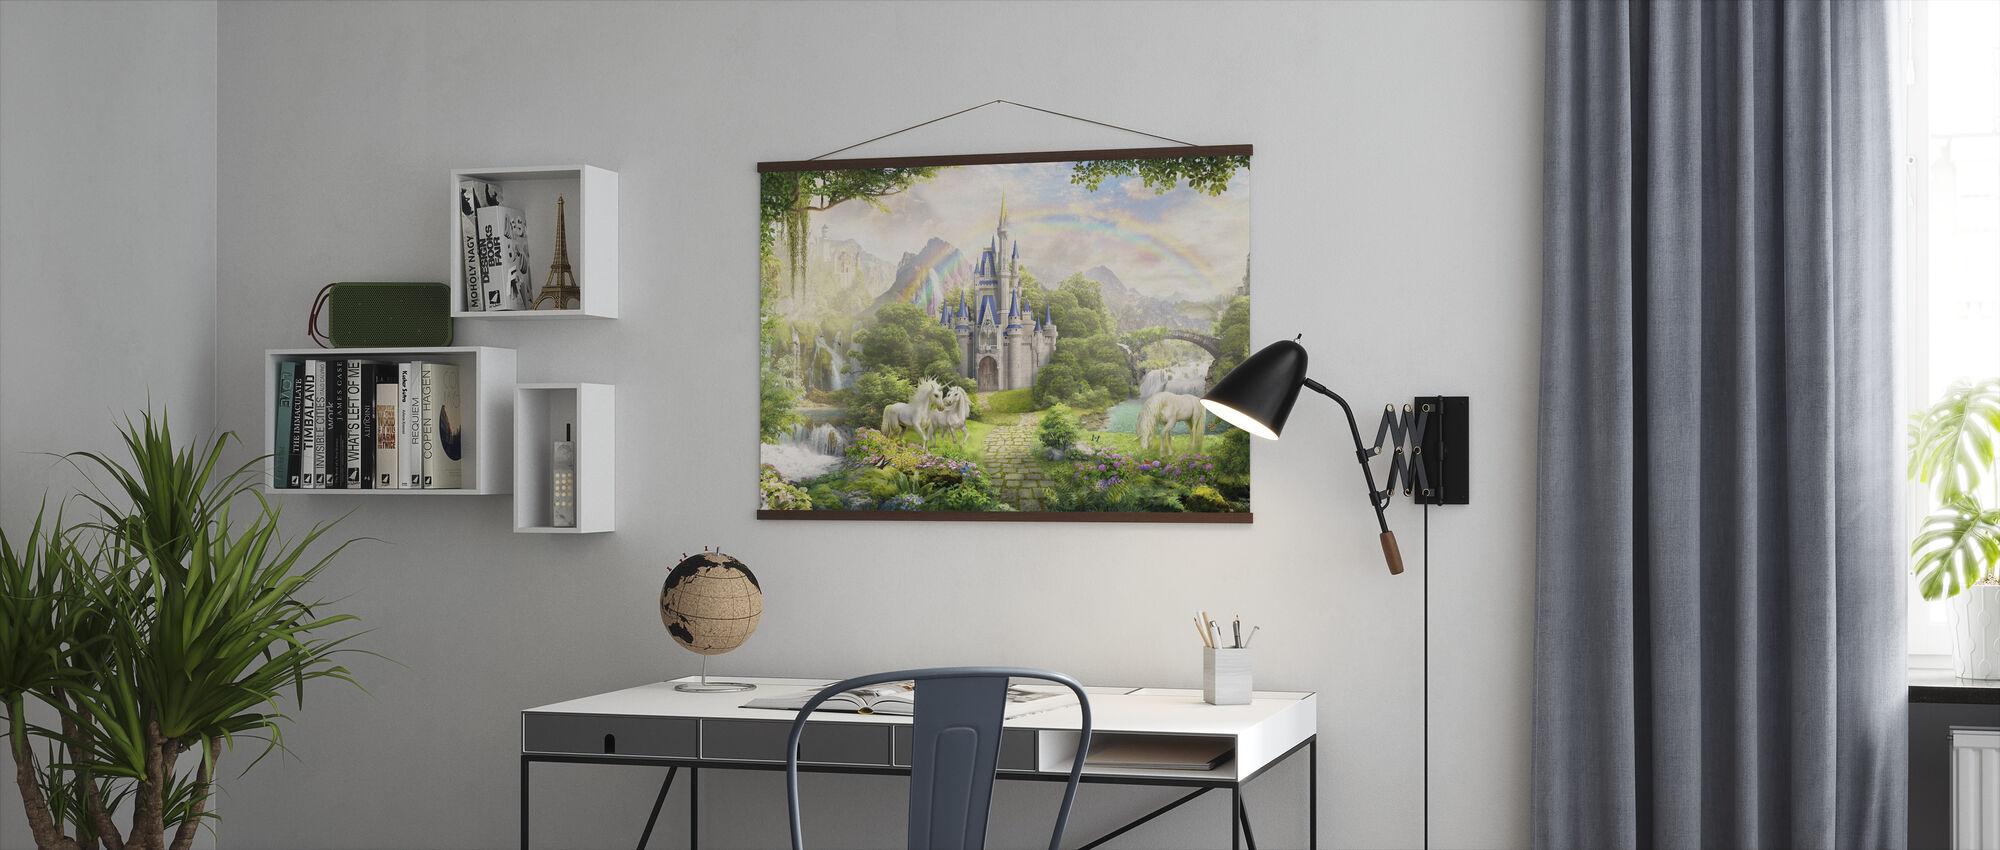 Eenhoorns Residentie - Poster - Kantoor